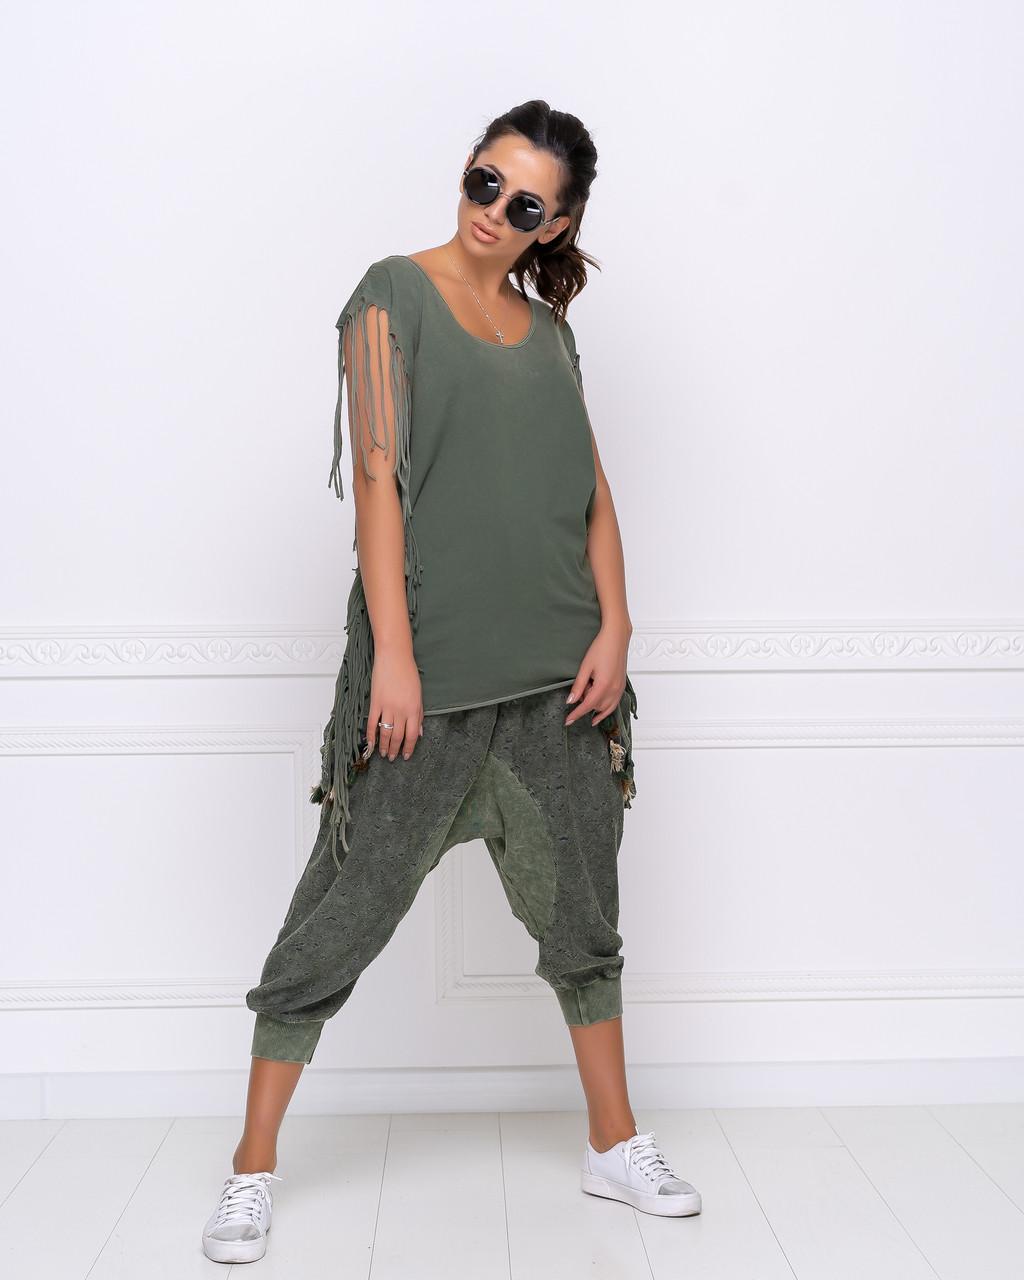 Стильные модные красивые  бриджи-афгани с карманами.Пояс и манжет на резинке.зеленые